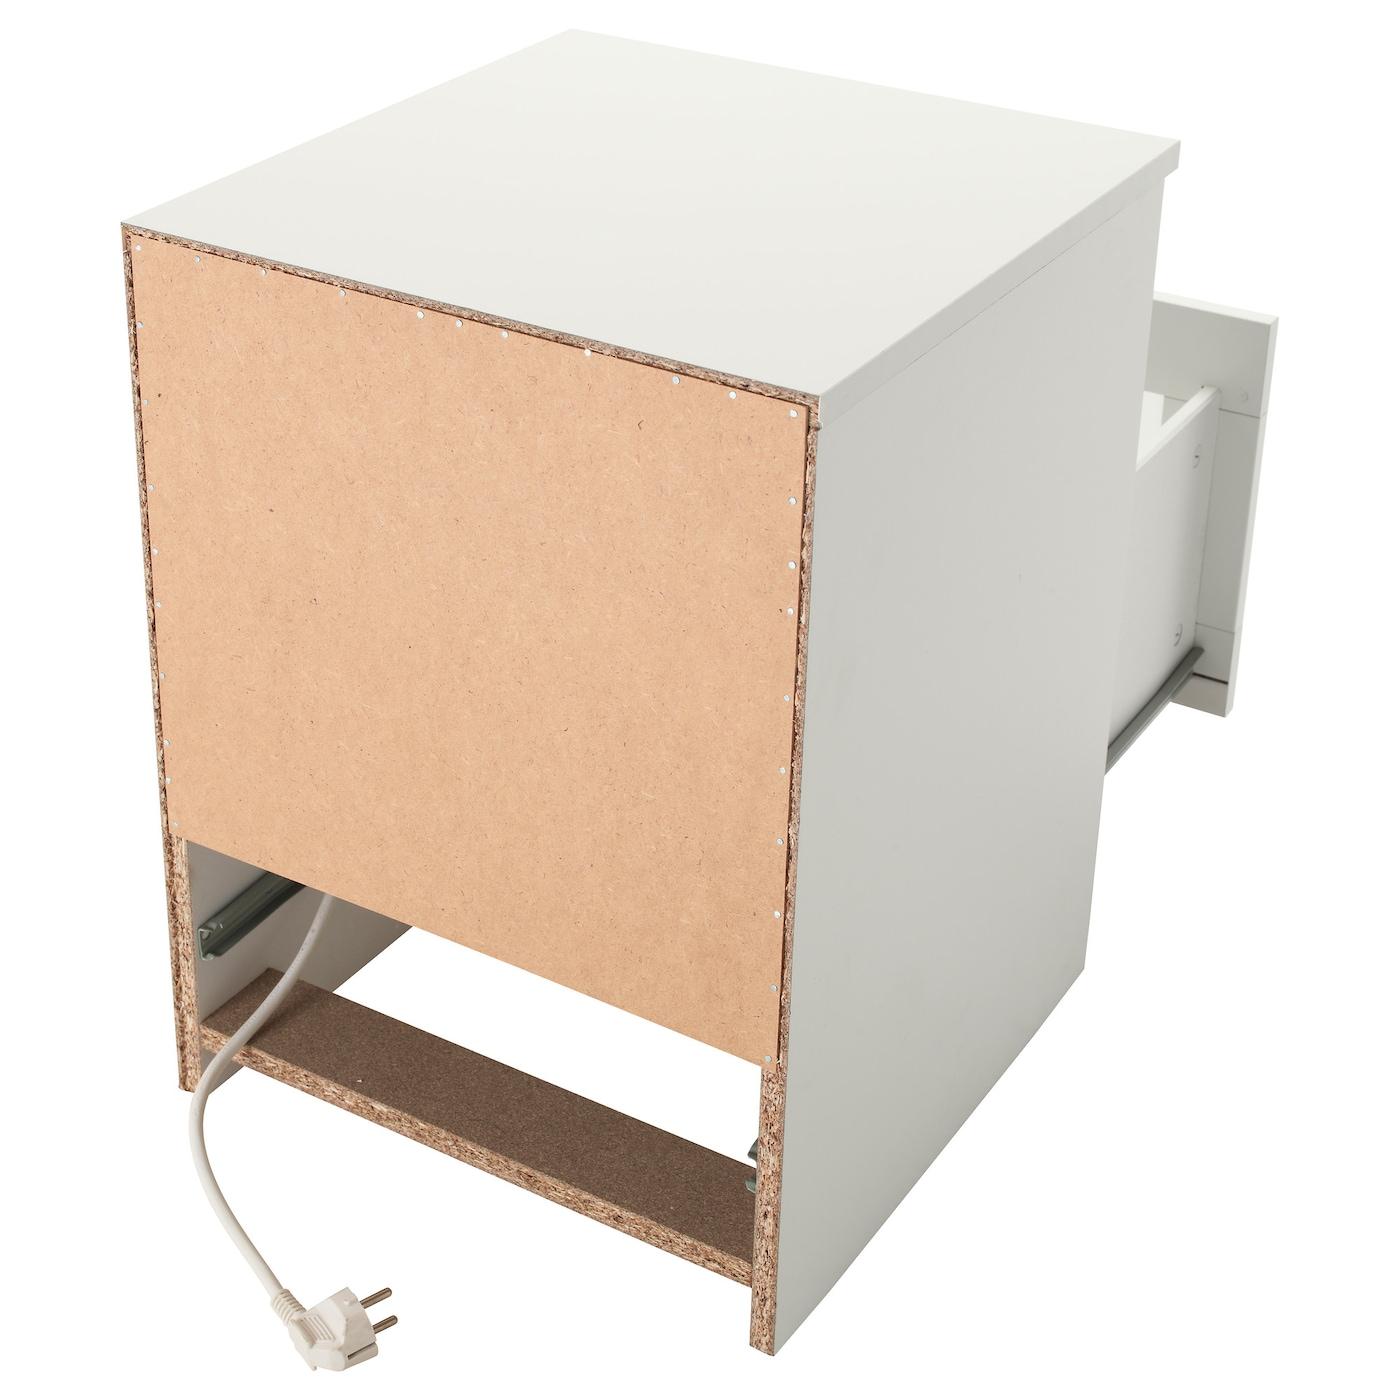 BRIMNES Avlastningsbord, vit, 39x41 cm IKEA